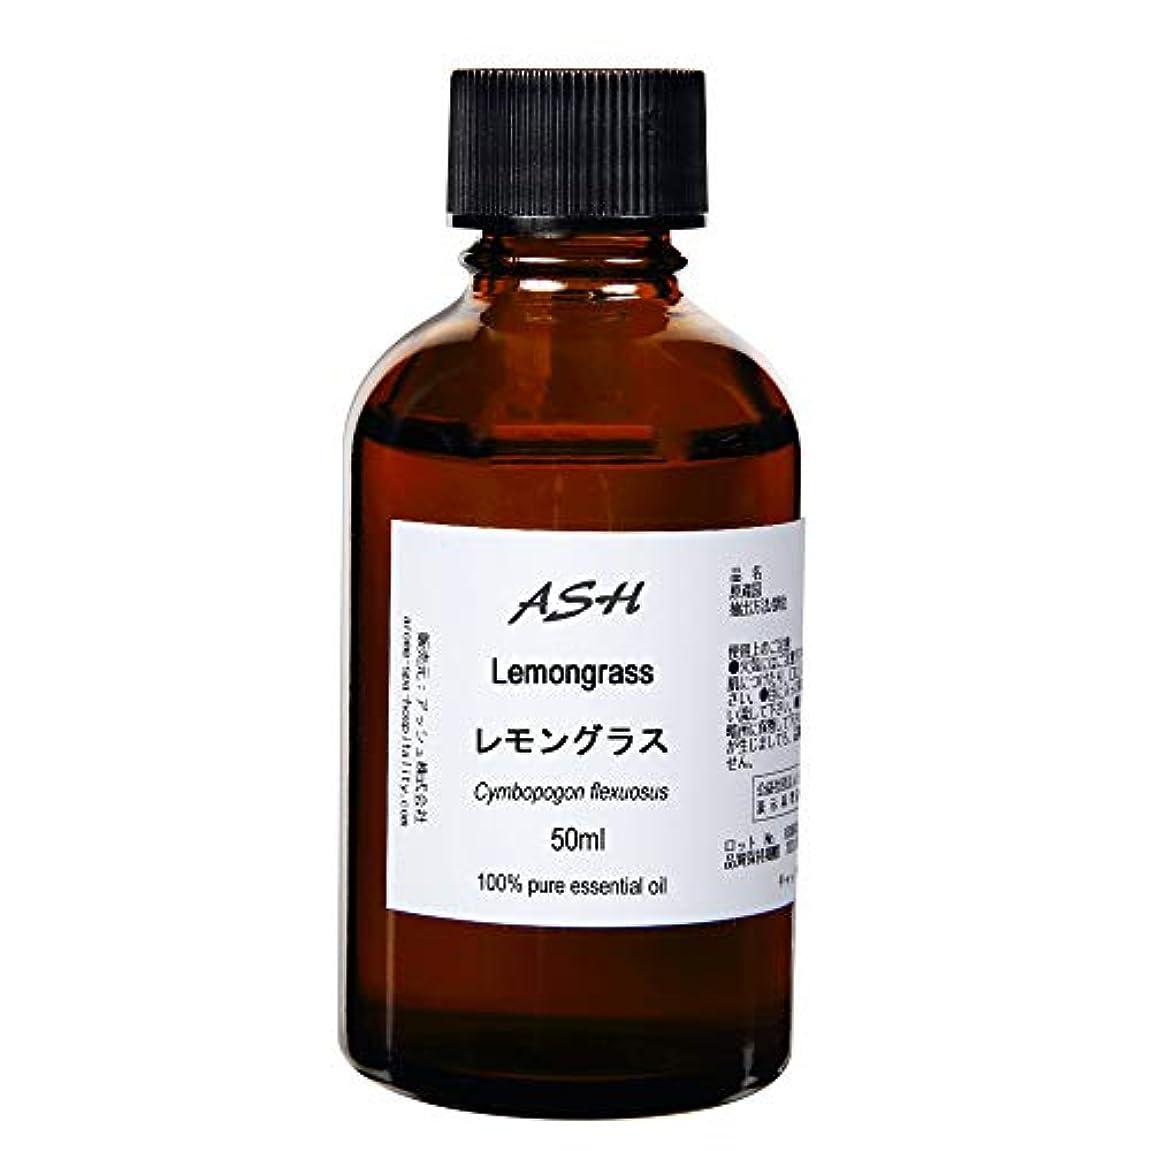 内訳絶妙無実ASH レモングラス エッセンシャルオイル 50ml AEAJ表示基準適合認定精油